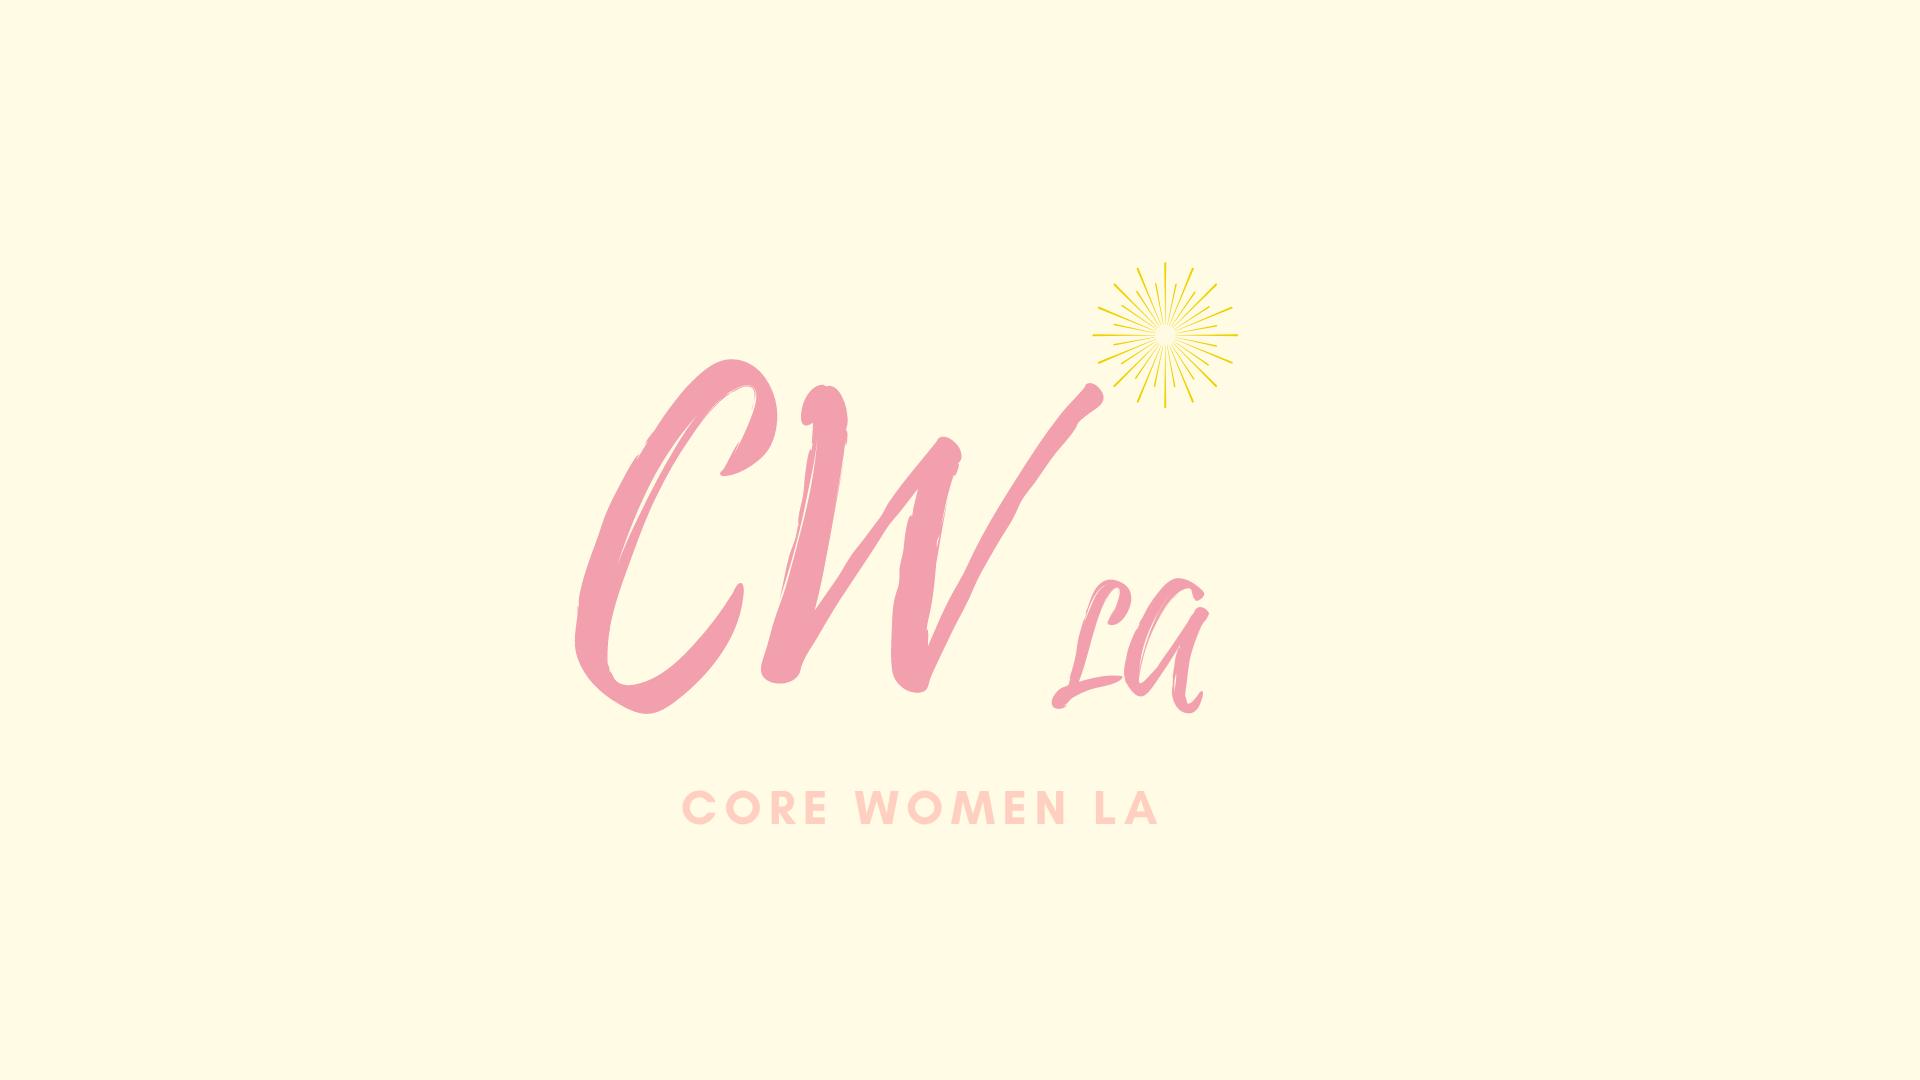 Core Women LA